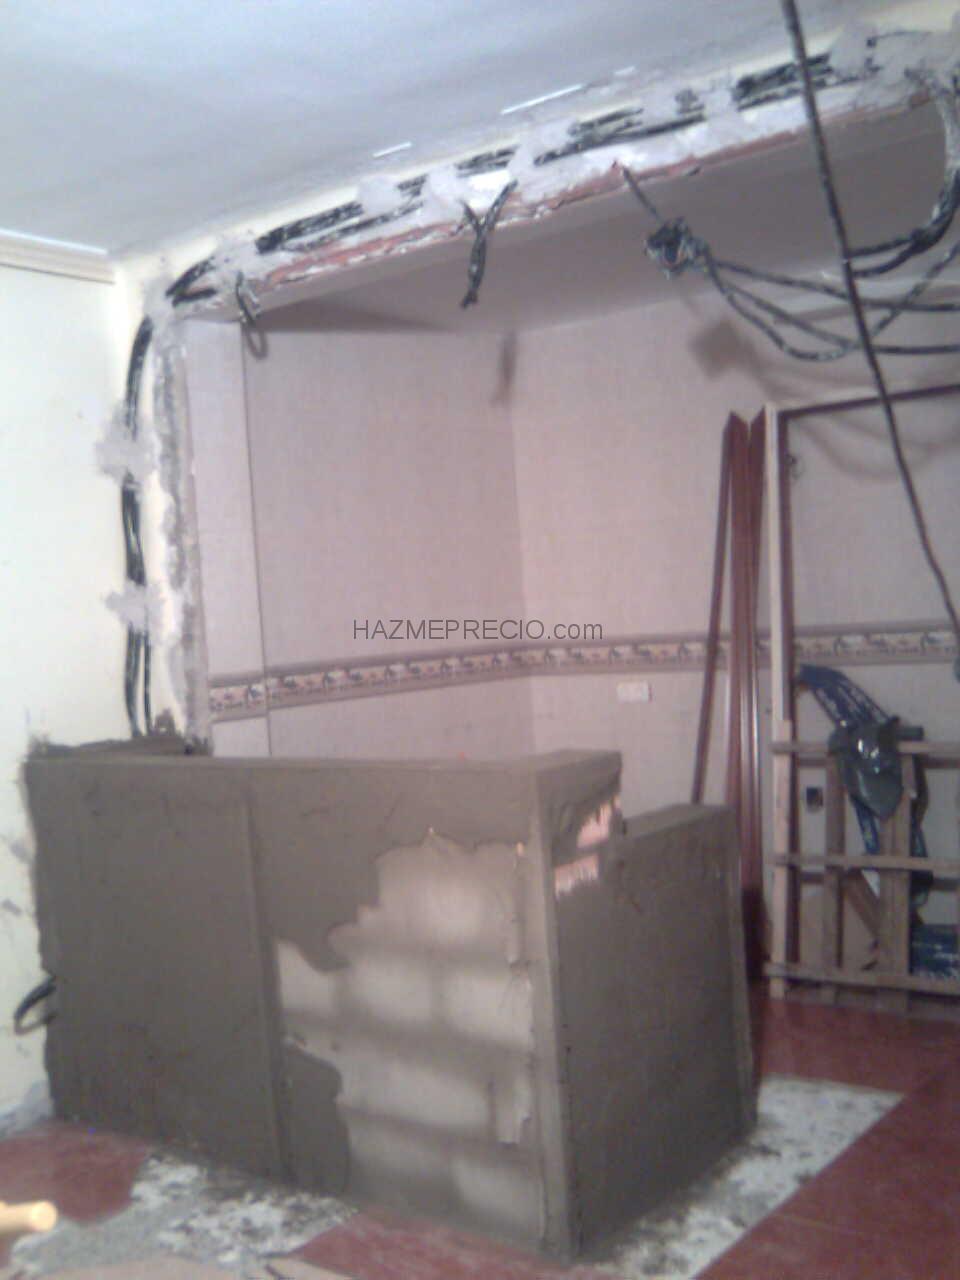 Presupuesto para solar patio con baldosas 30m2 for Precio de baldosas para patio